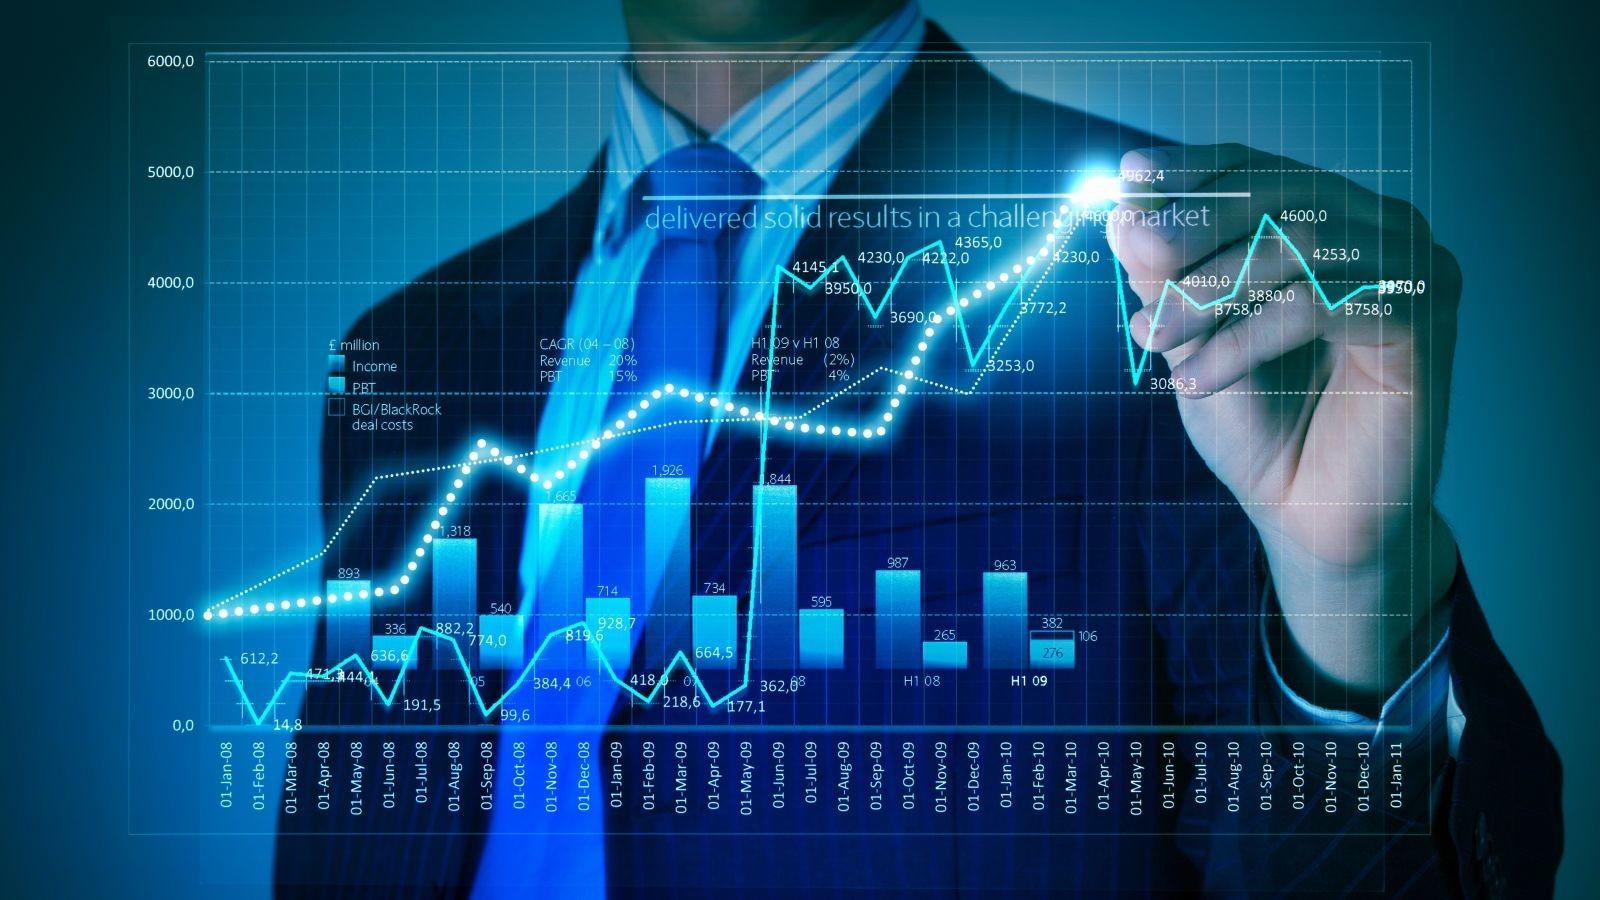 Chứng khoán cơ sở là gì, nên đầu tư loại chứng khoán nào